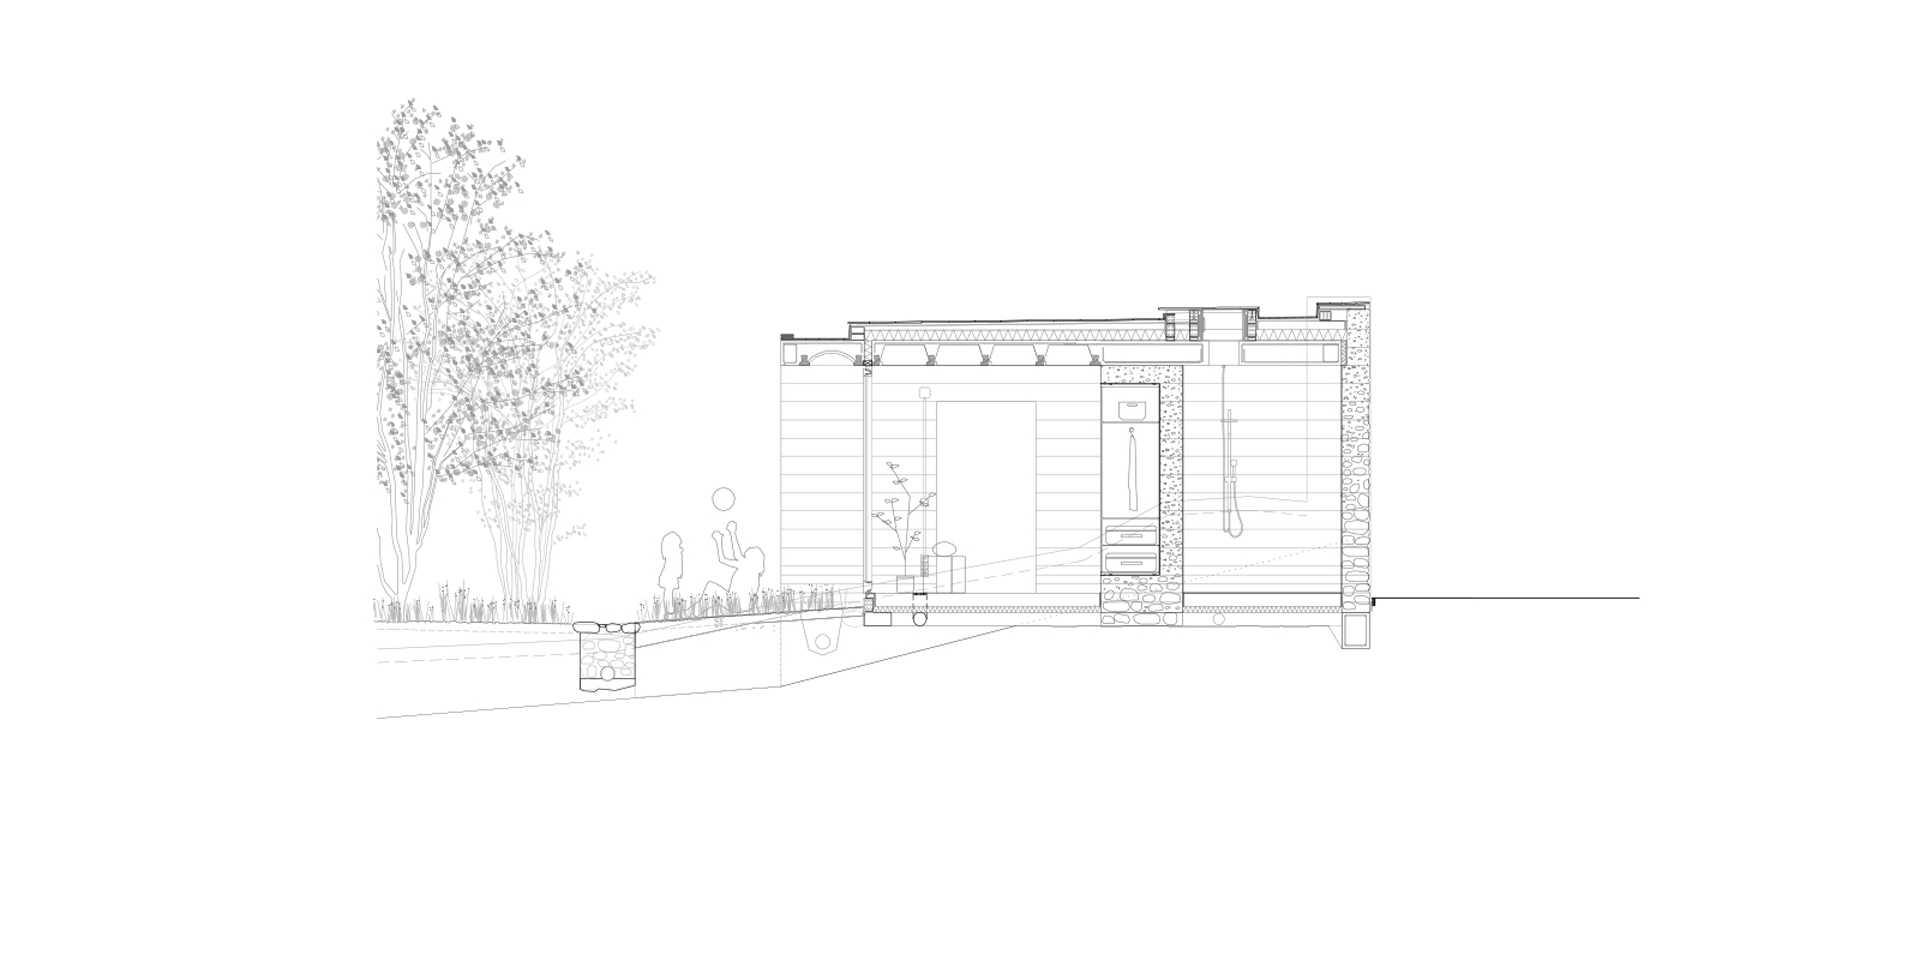 Casa 1413  - p3.1.3 53